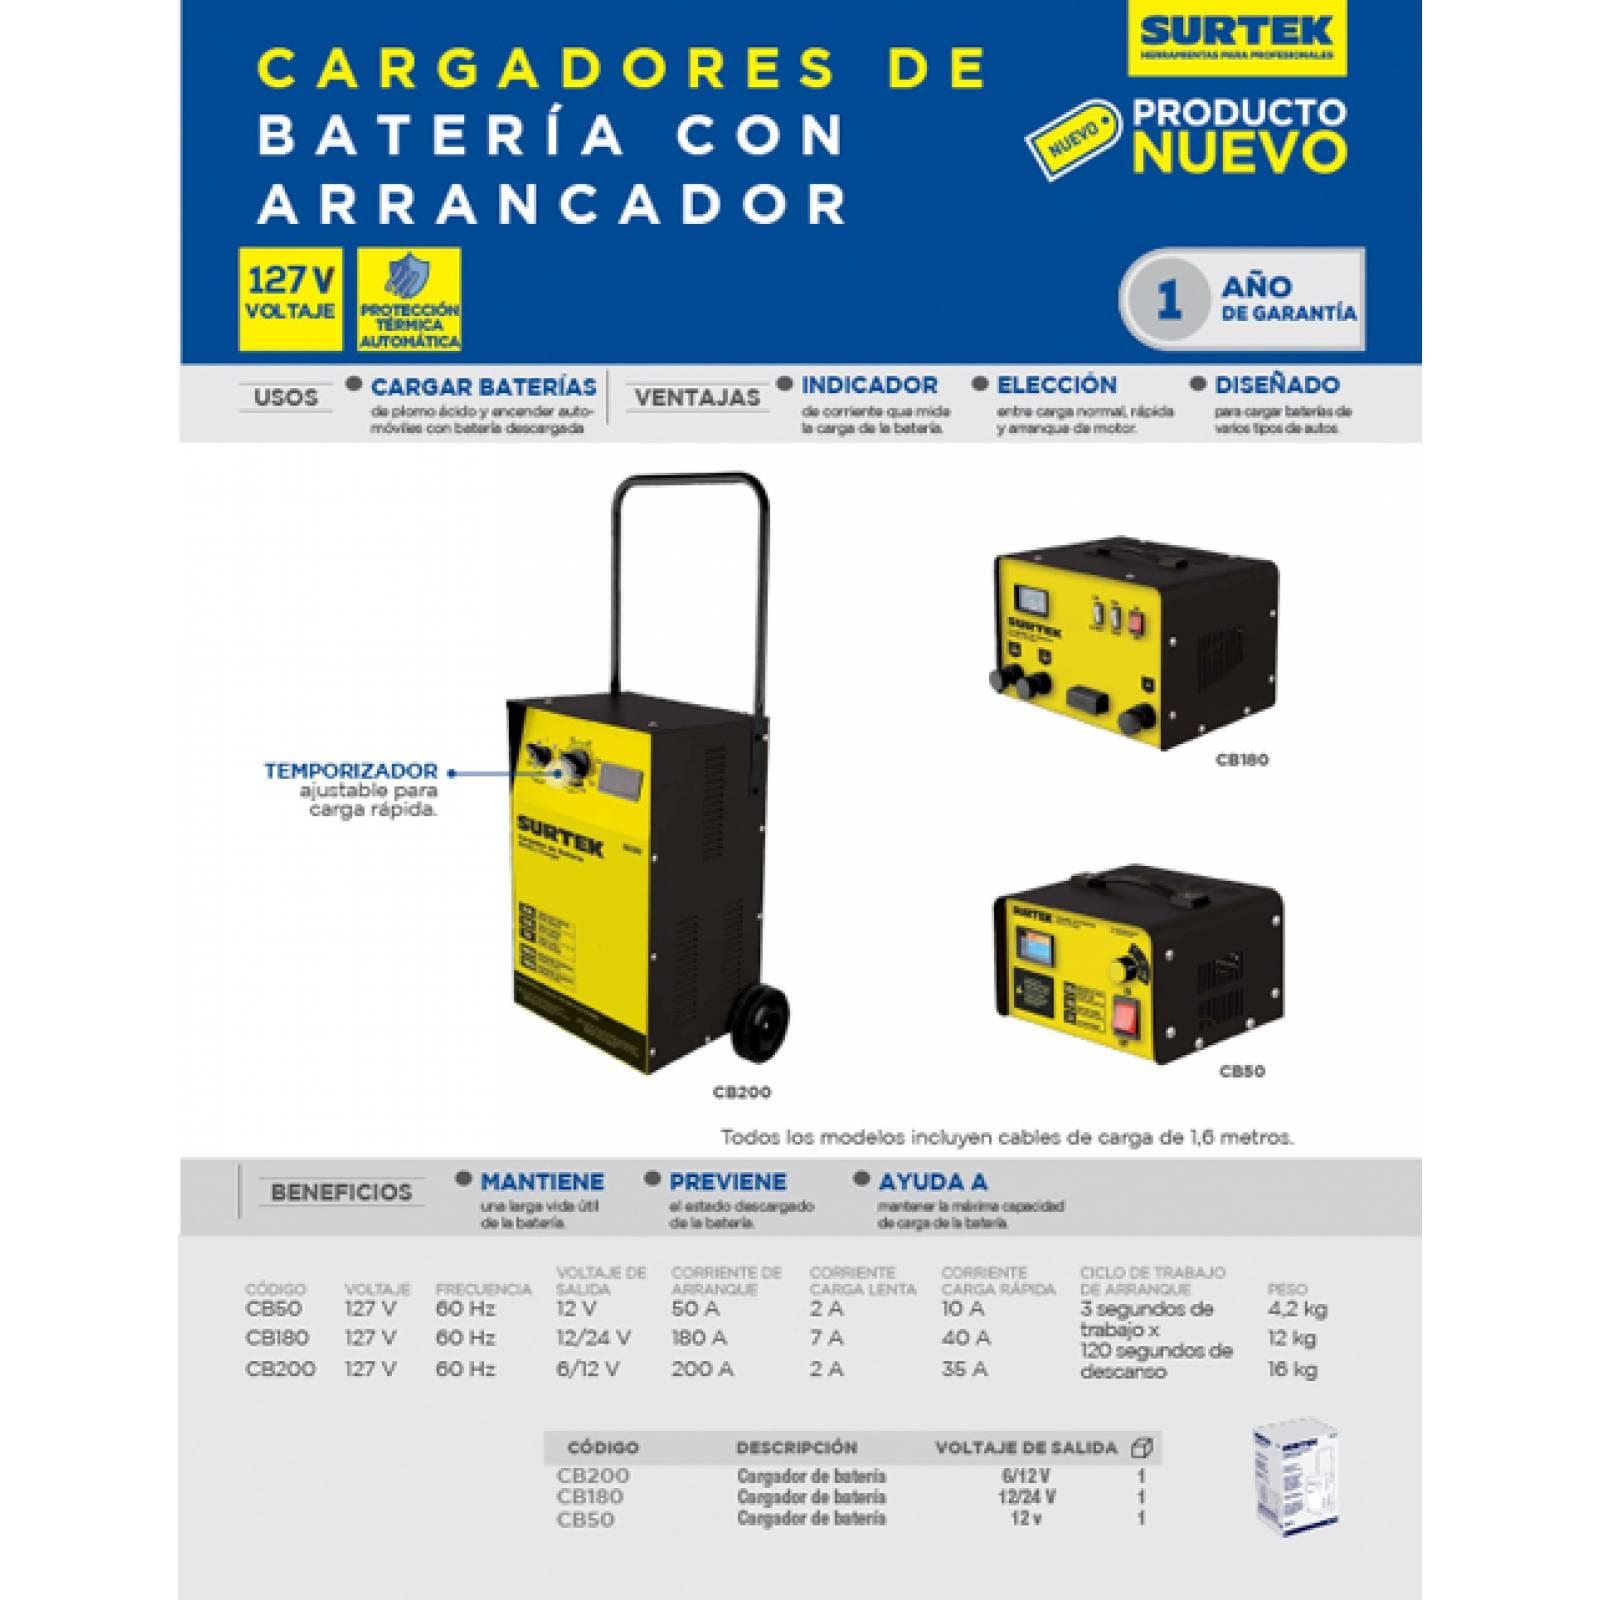 Cargador Batería Arrancador 180 A De 127V Frec 60 Hz Surtek